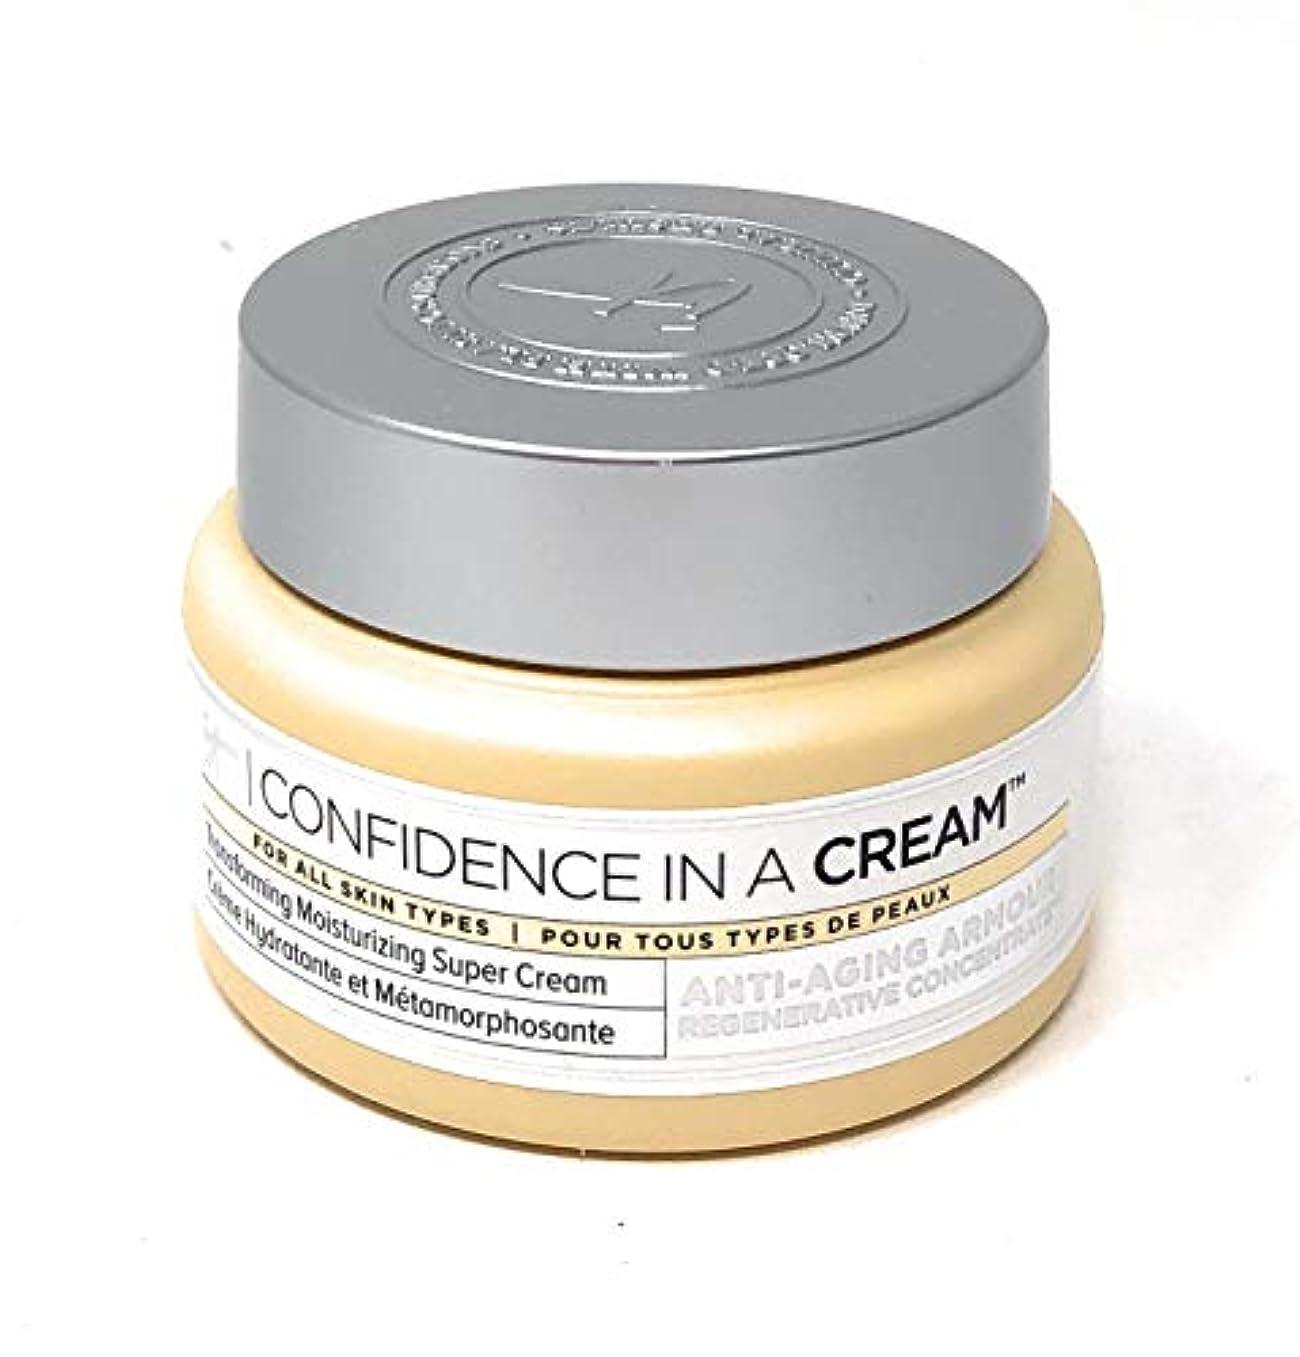 買い手円形役に立たないIt Cosmetics Confidence in a Cream Moisturizer 2 Ouncesクリームモイスチャライザー